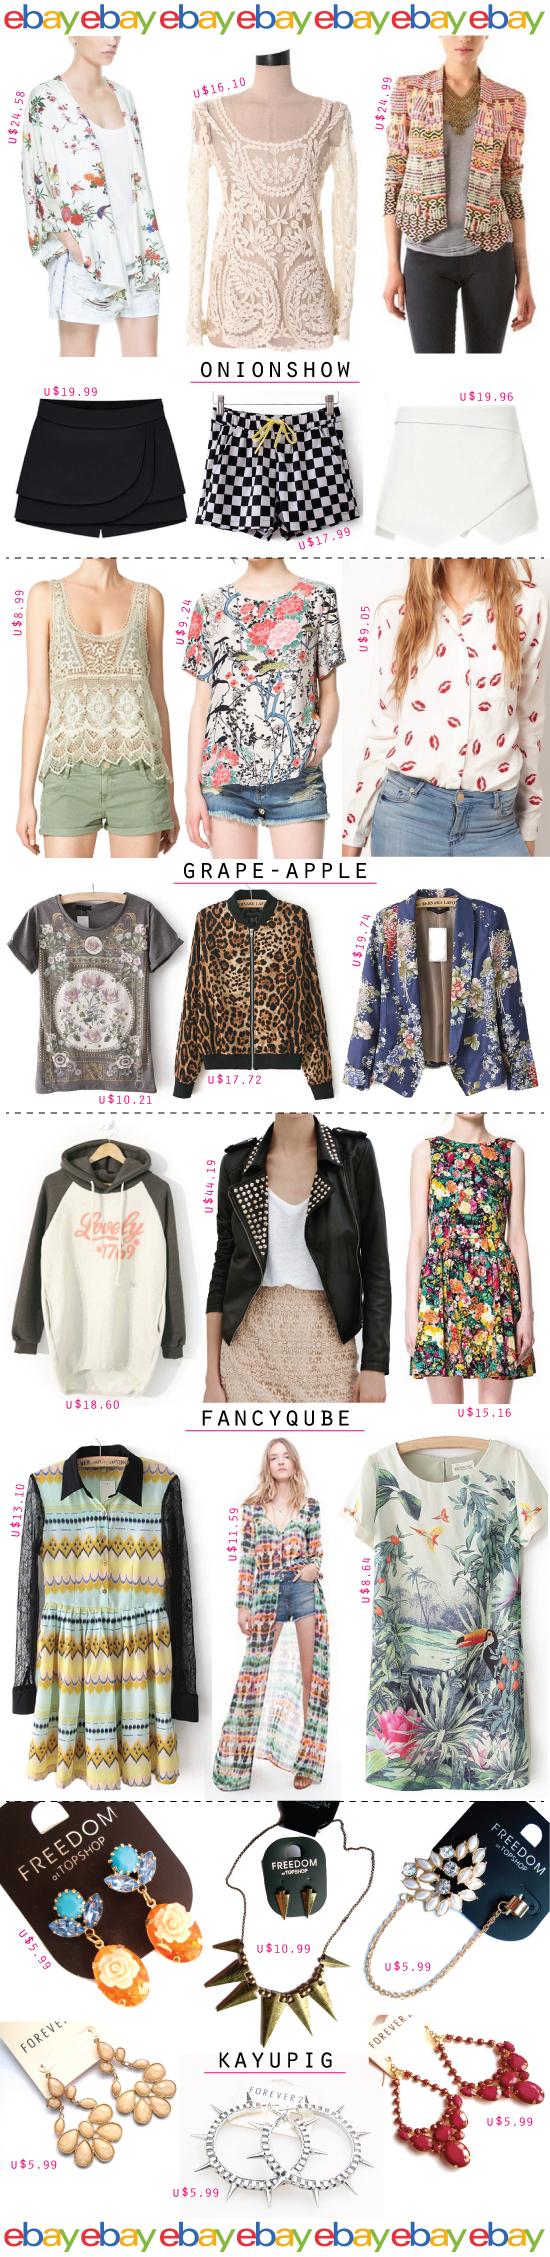 vendedores-ebay-recomendacao-guia-roteiro-compras-online-barato-zara-grape-apple-onionshow-fancyqube-kaiupig-vestido-blusa-roupas-baratas-onde-comprar-dica-blog-looks